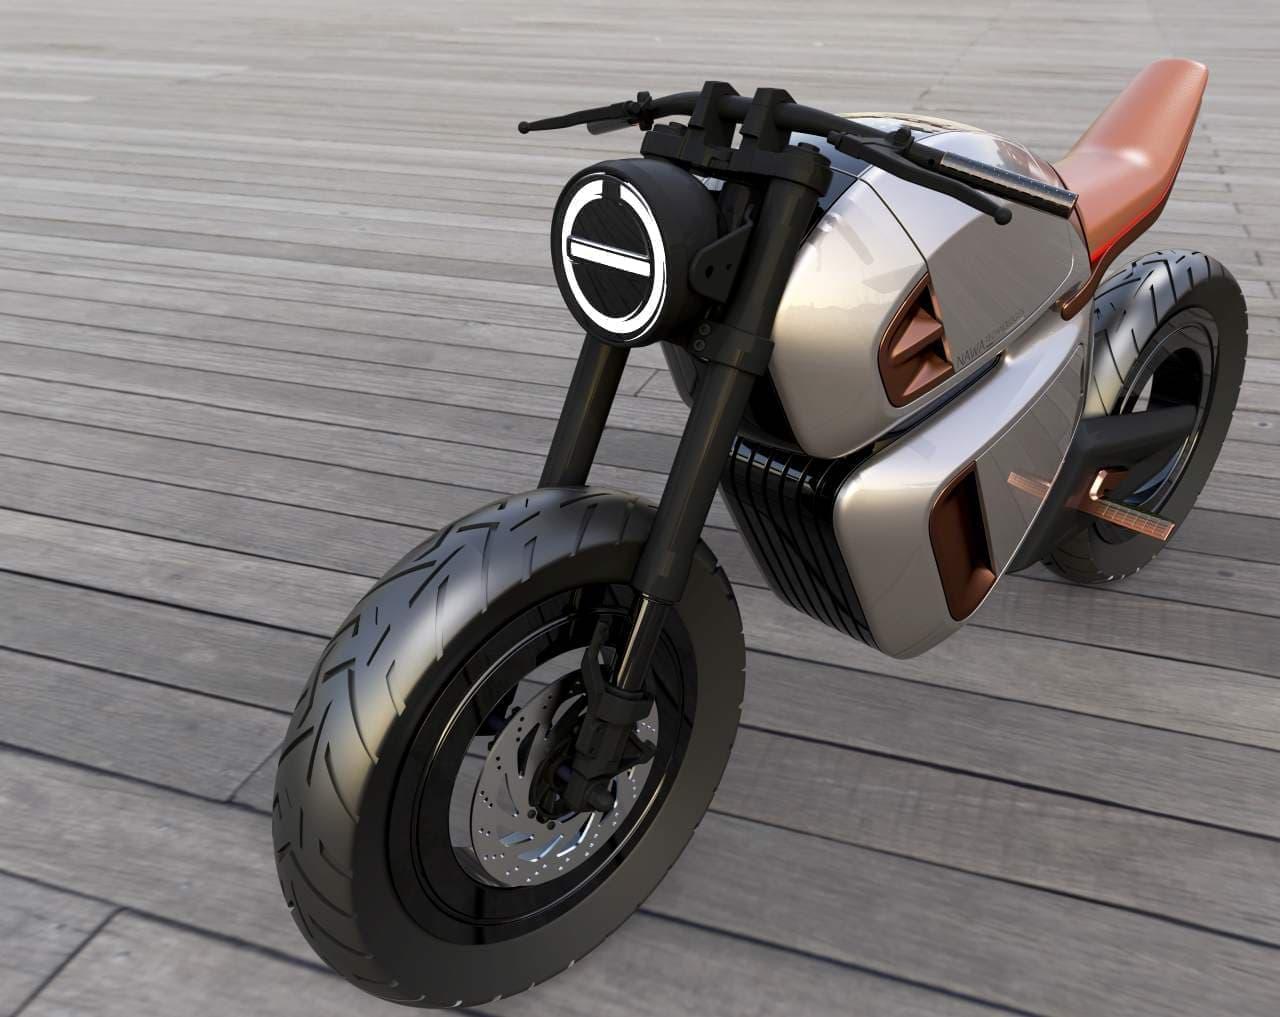 CESで公開された「NAWA Racer」コンセプトモデル